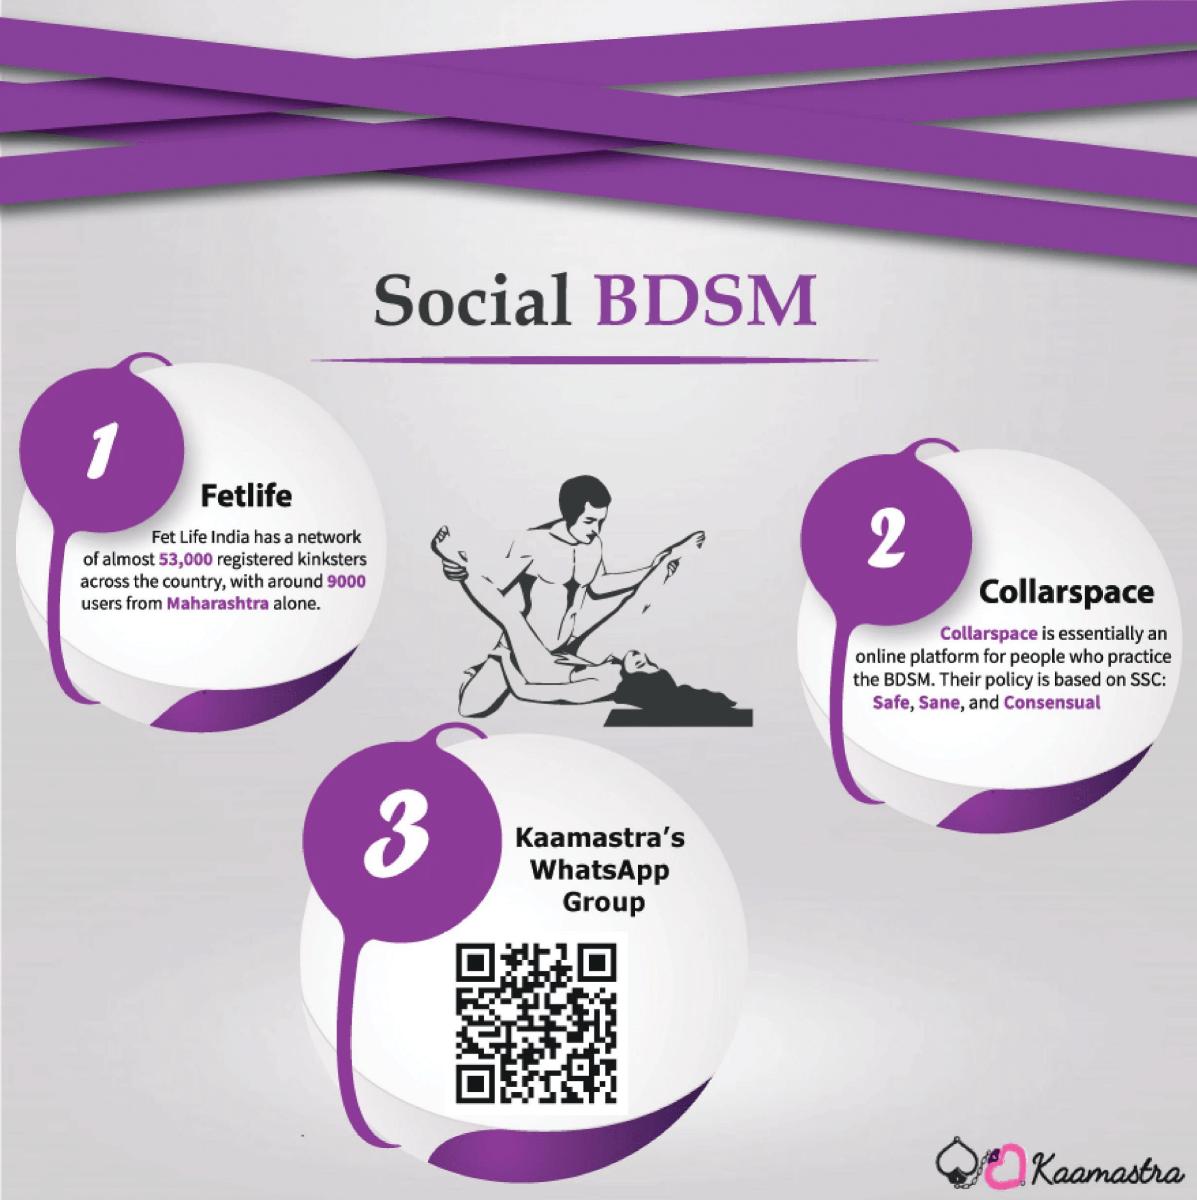 Social BDSM